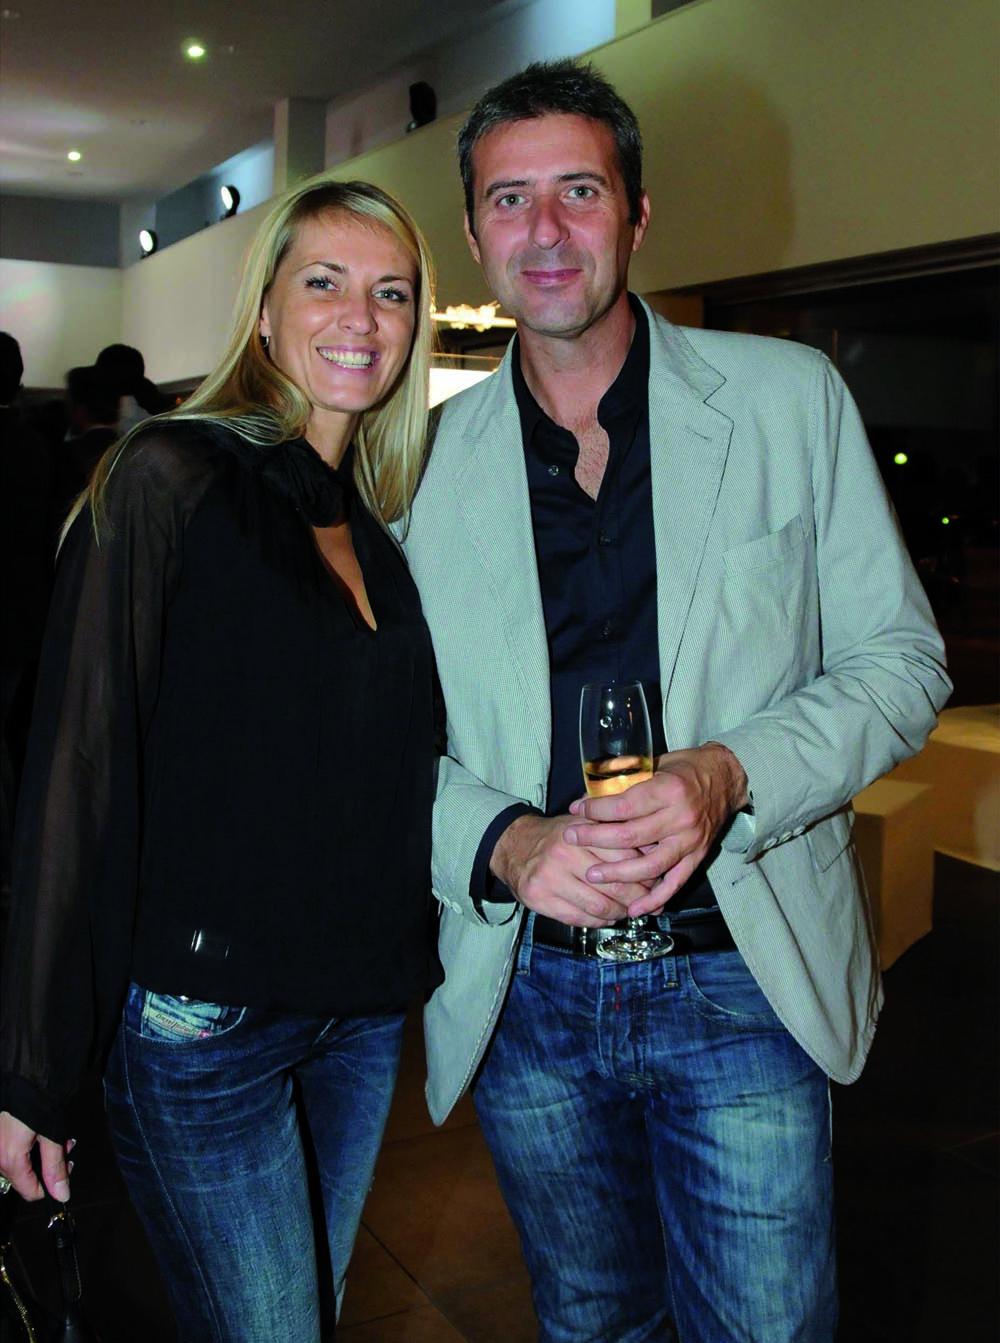 Pressphoto-Firenze Magazine Inaugurazione mostra fotografica di Massimo Sestini alla cocessionaria Audi : Isabella Mariotti, Francesco Mortelli